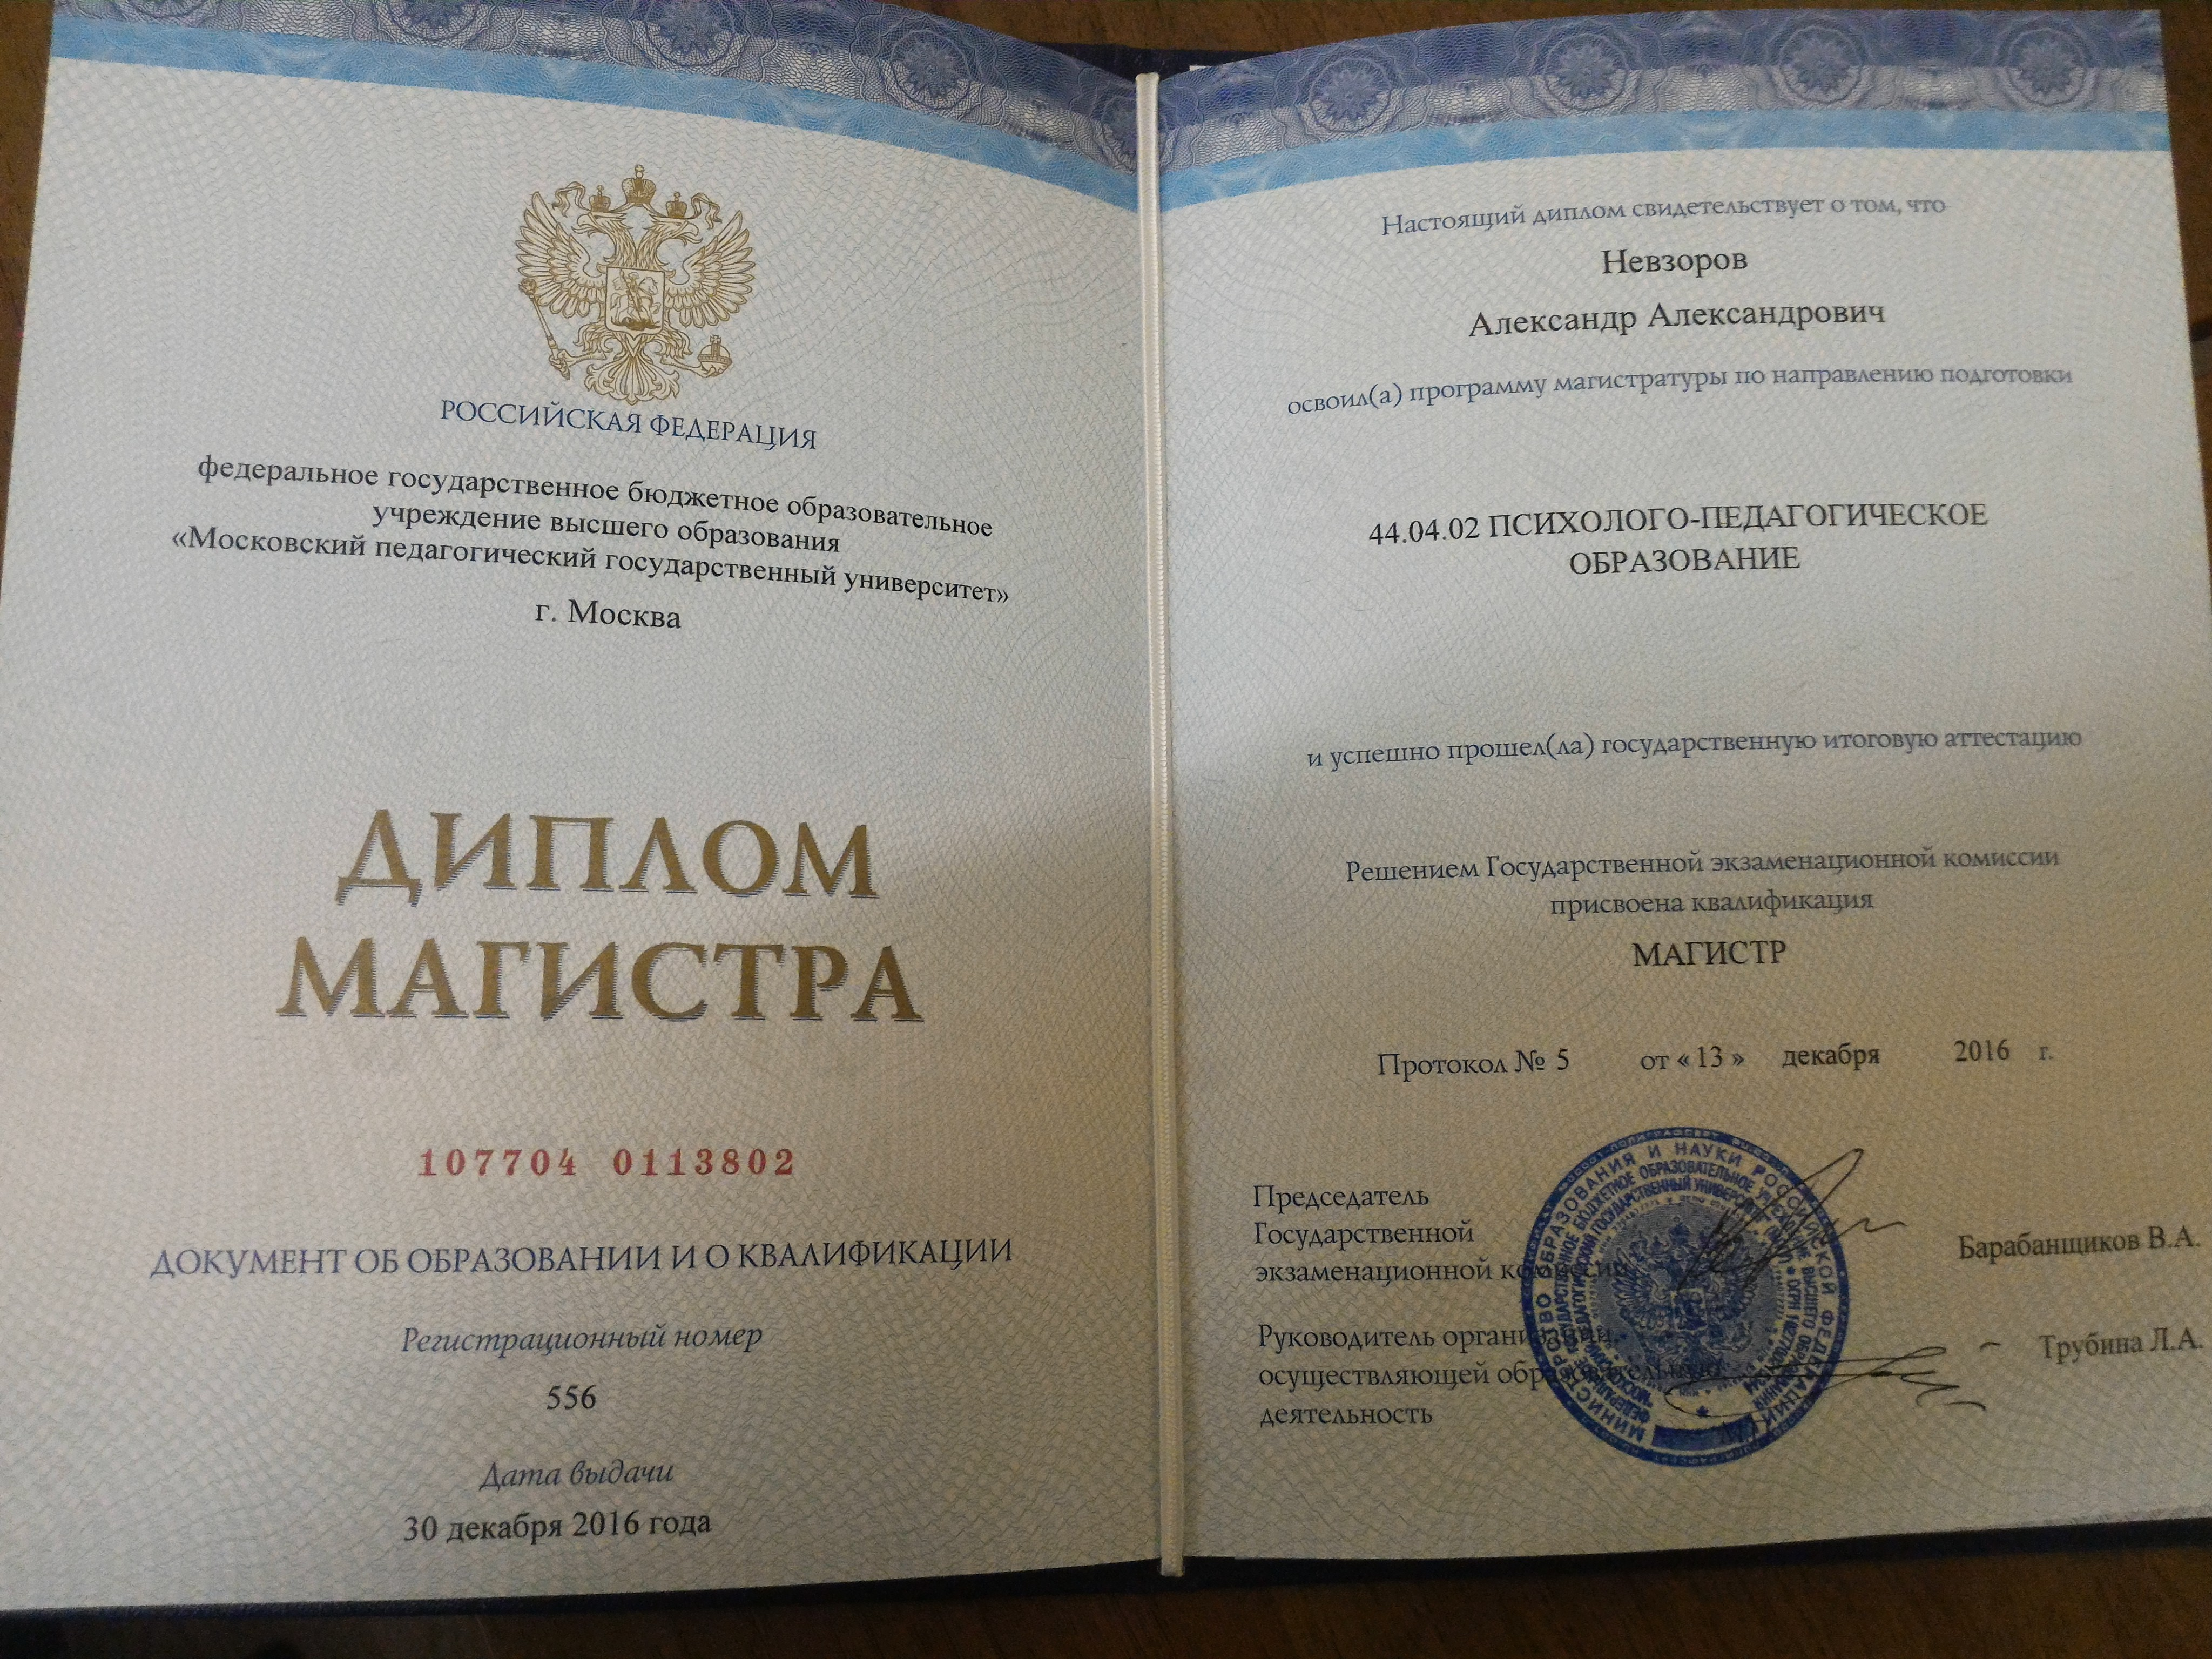 file Диплом магистра современной России jpg  file Диплом магистра современной России jpg